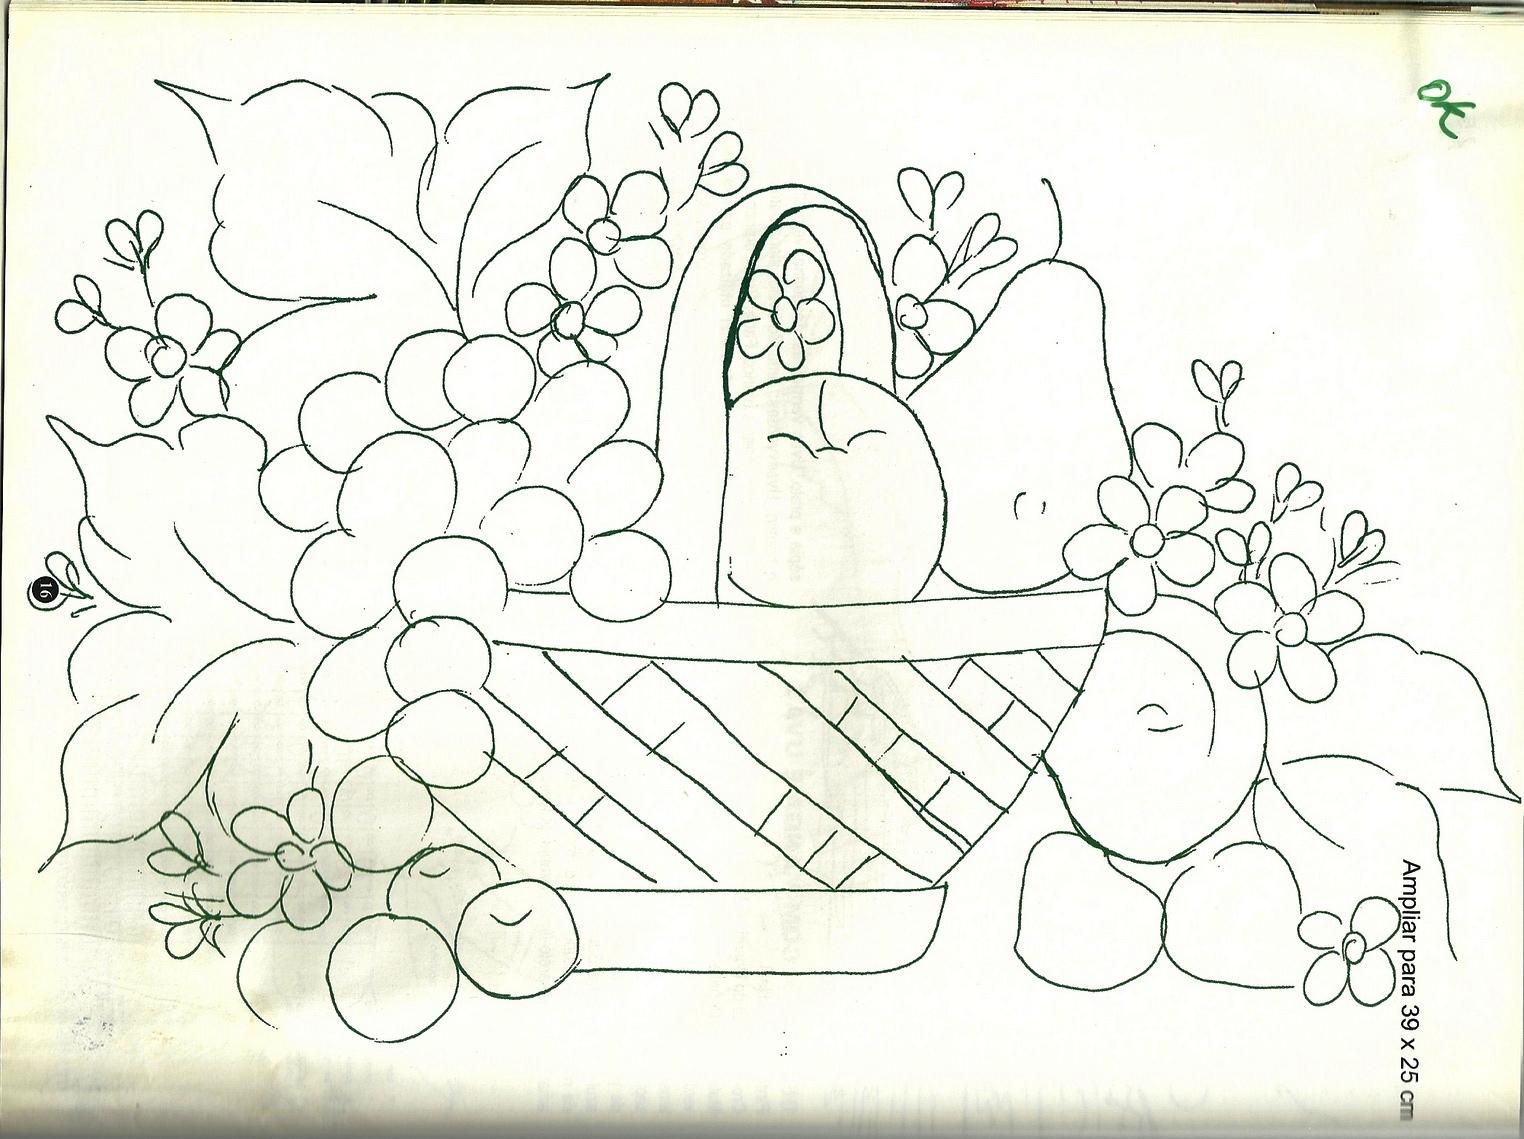 Riscos para bordar gratis - Desenhos para colorir - IMAGIXS